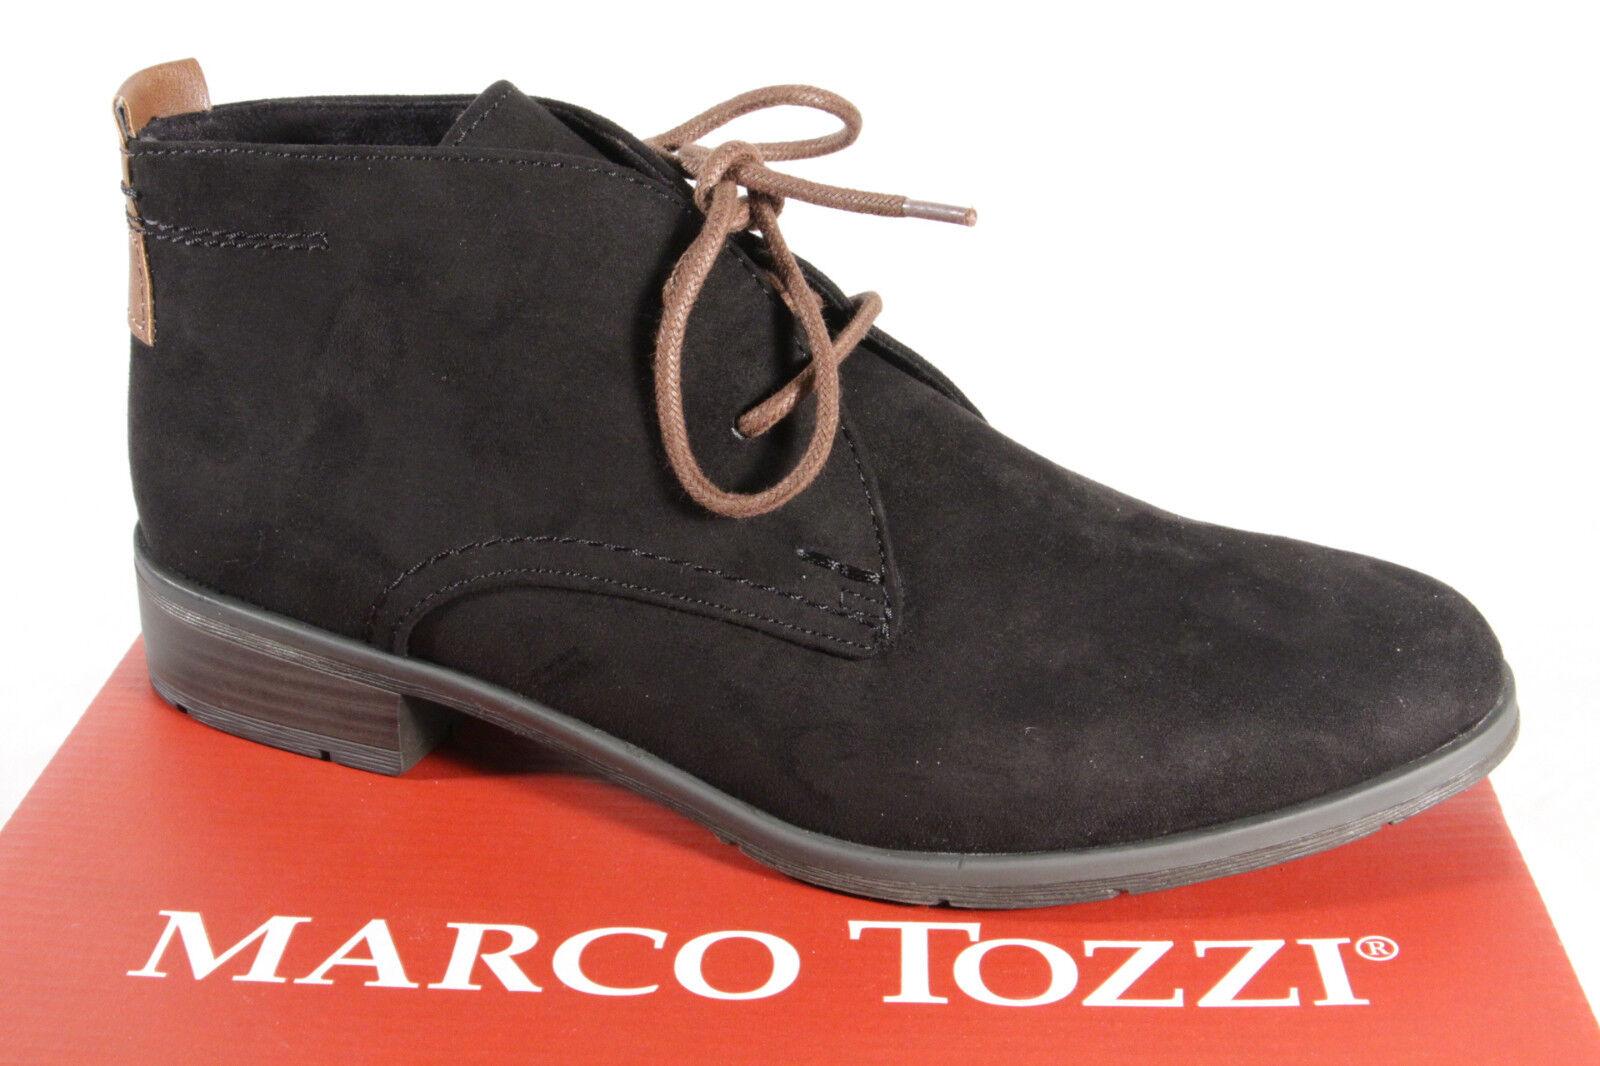 Marco Tozzi 25101 Botas Mujer, Botines, Botas negro NUEVO